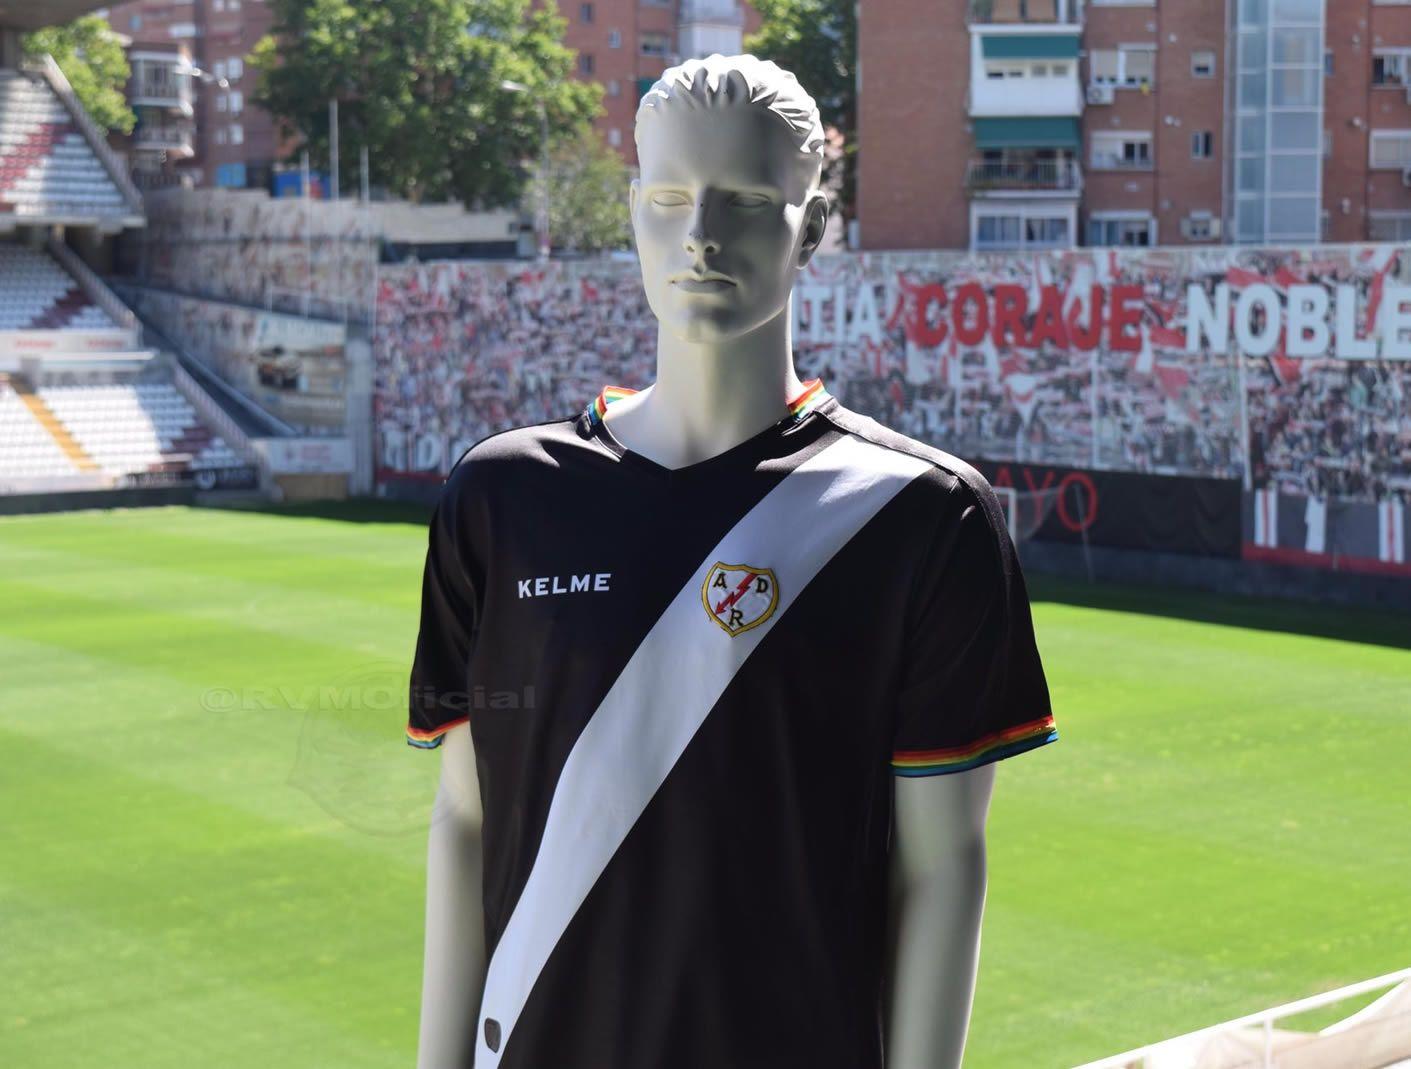 Tercera equipación Kelme del Rayo Vallecano | Foto Web Oficial